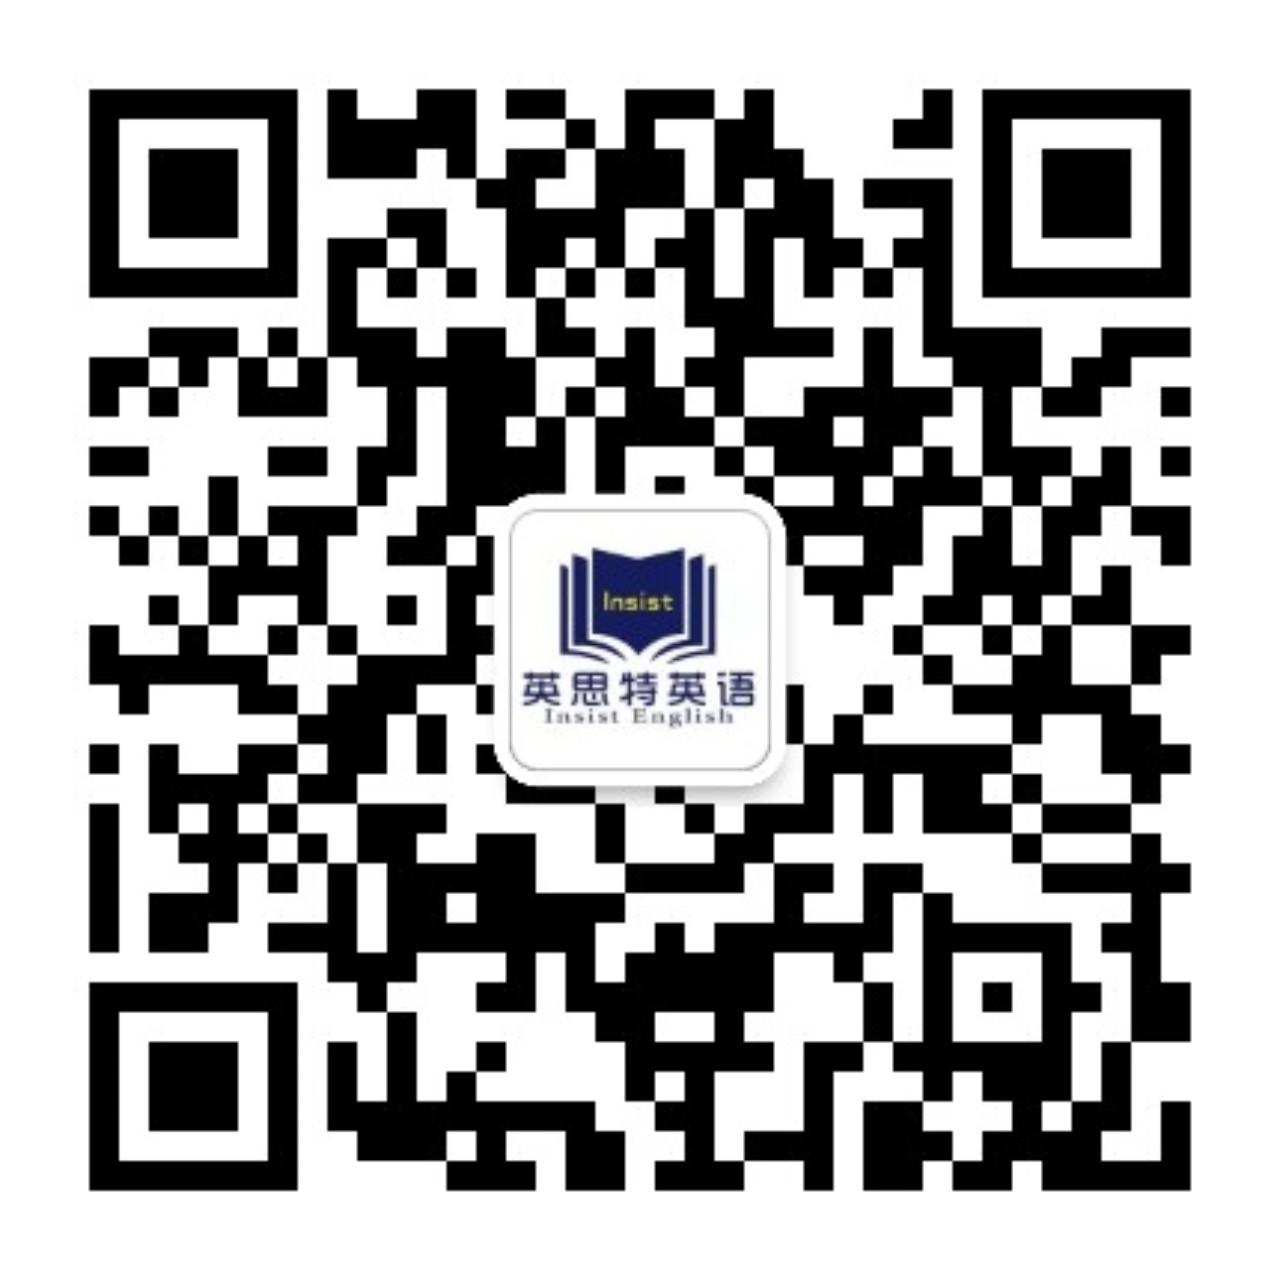 英思特国际英语教育